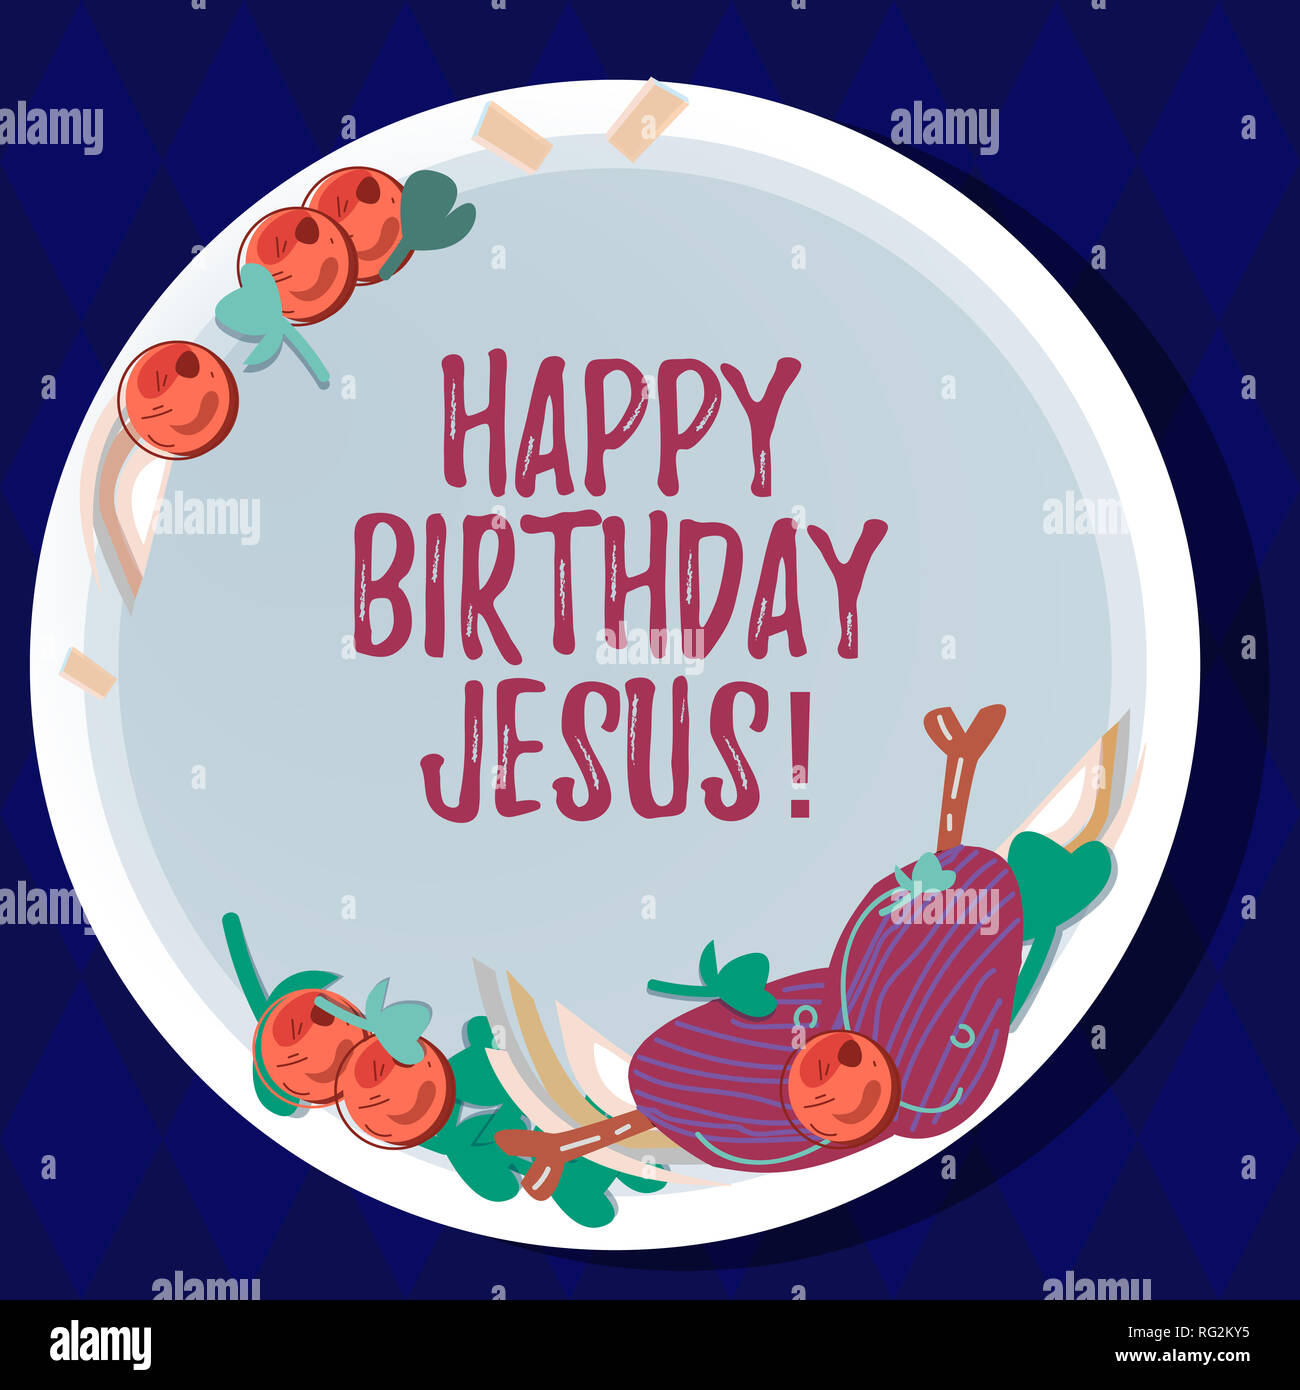 Handschrift Text Happy Birthday Jesus Begriff Sinne Feiert Die Geburt Des Heiligen Gottes Weihnachten Hand Gezeichnet Lammkoteletts Kraut Gewurz Cherry Tom